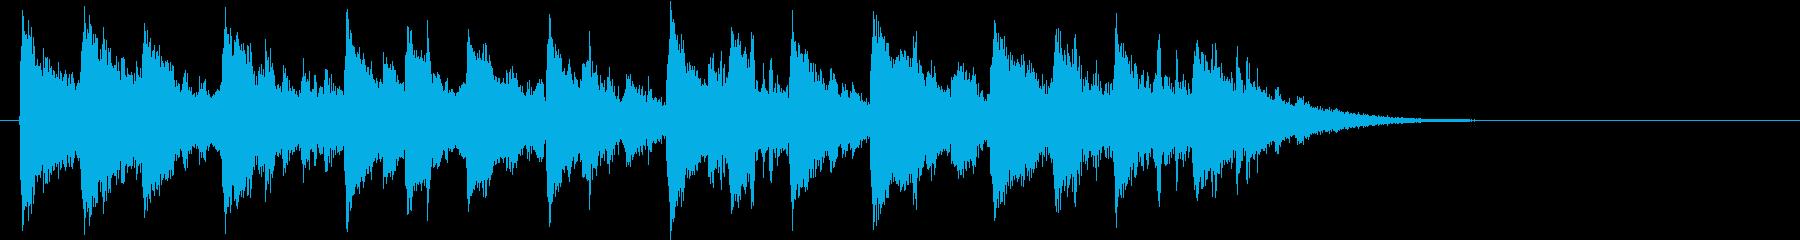 民族楽器によるエスニック&インド音楽ロゴの再生済みの波形